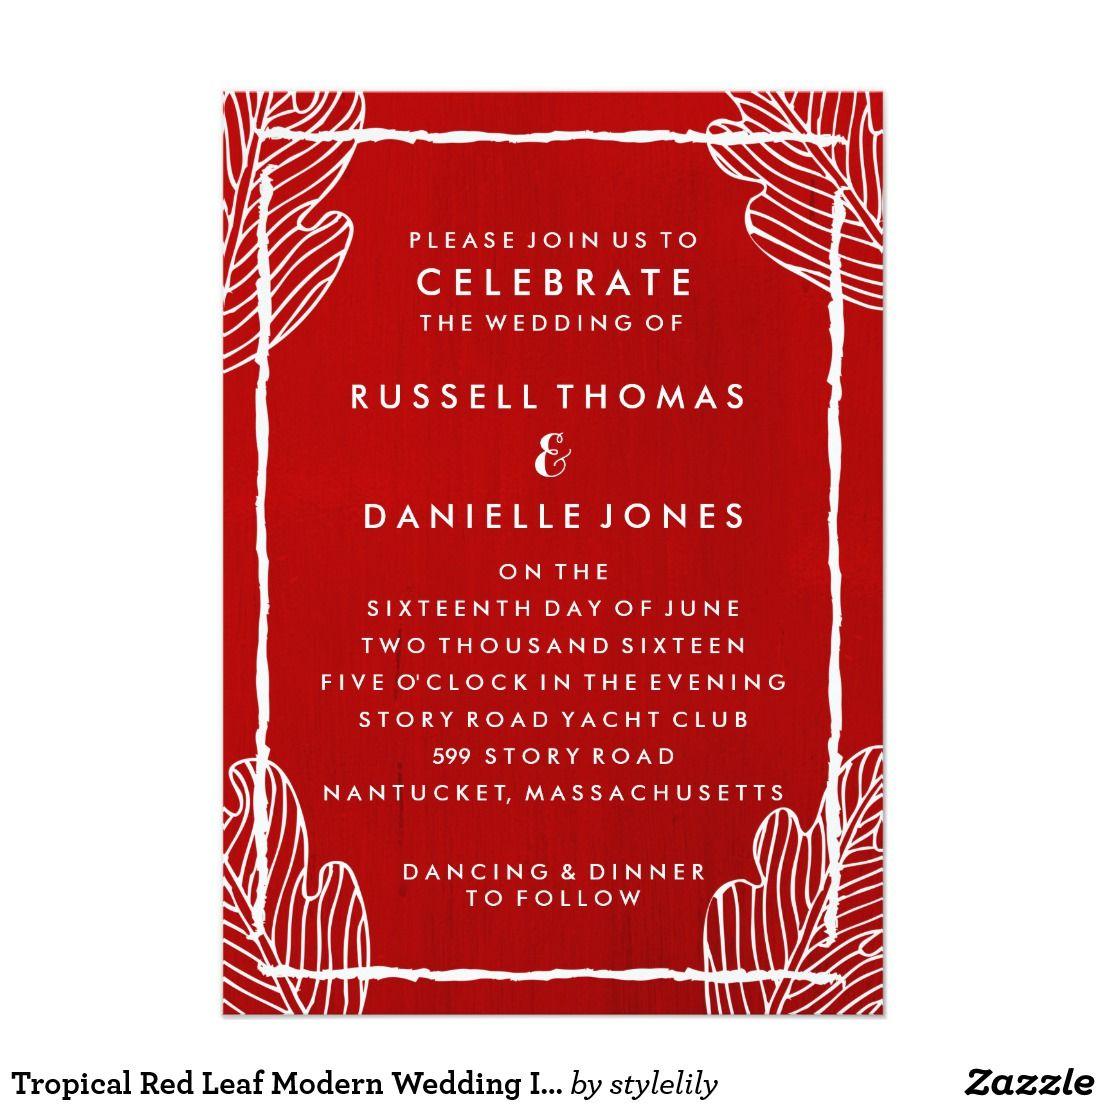 Tropical Red Leaf Modern Wedding Invitation | Wedding